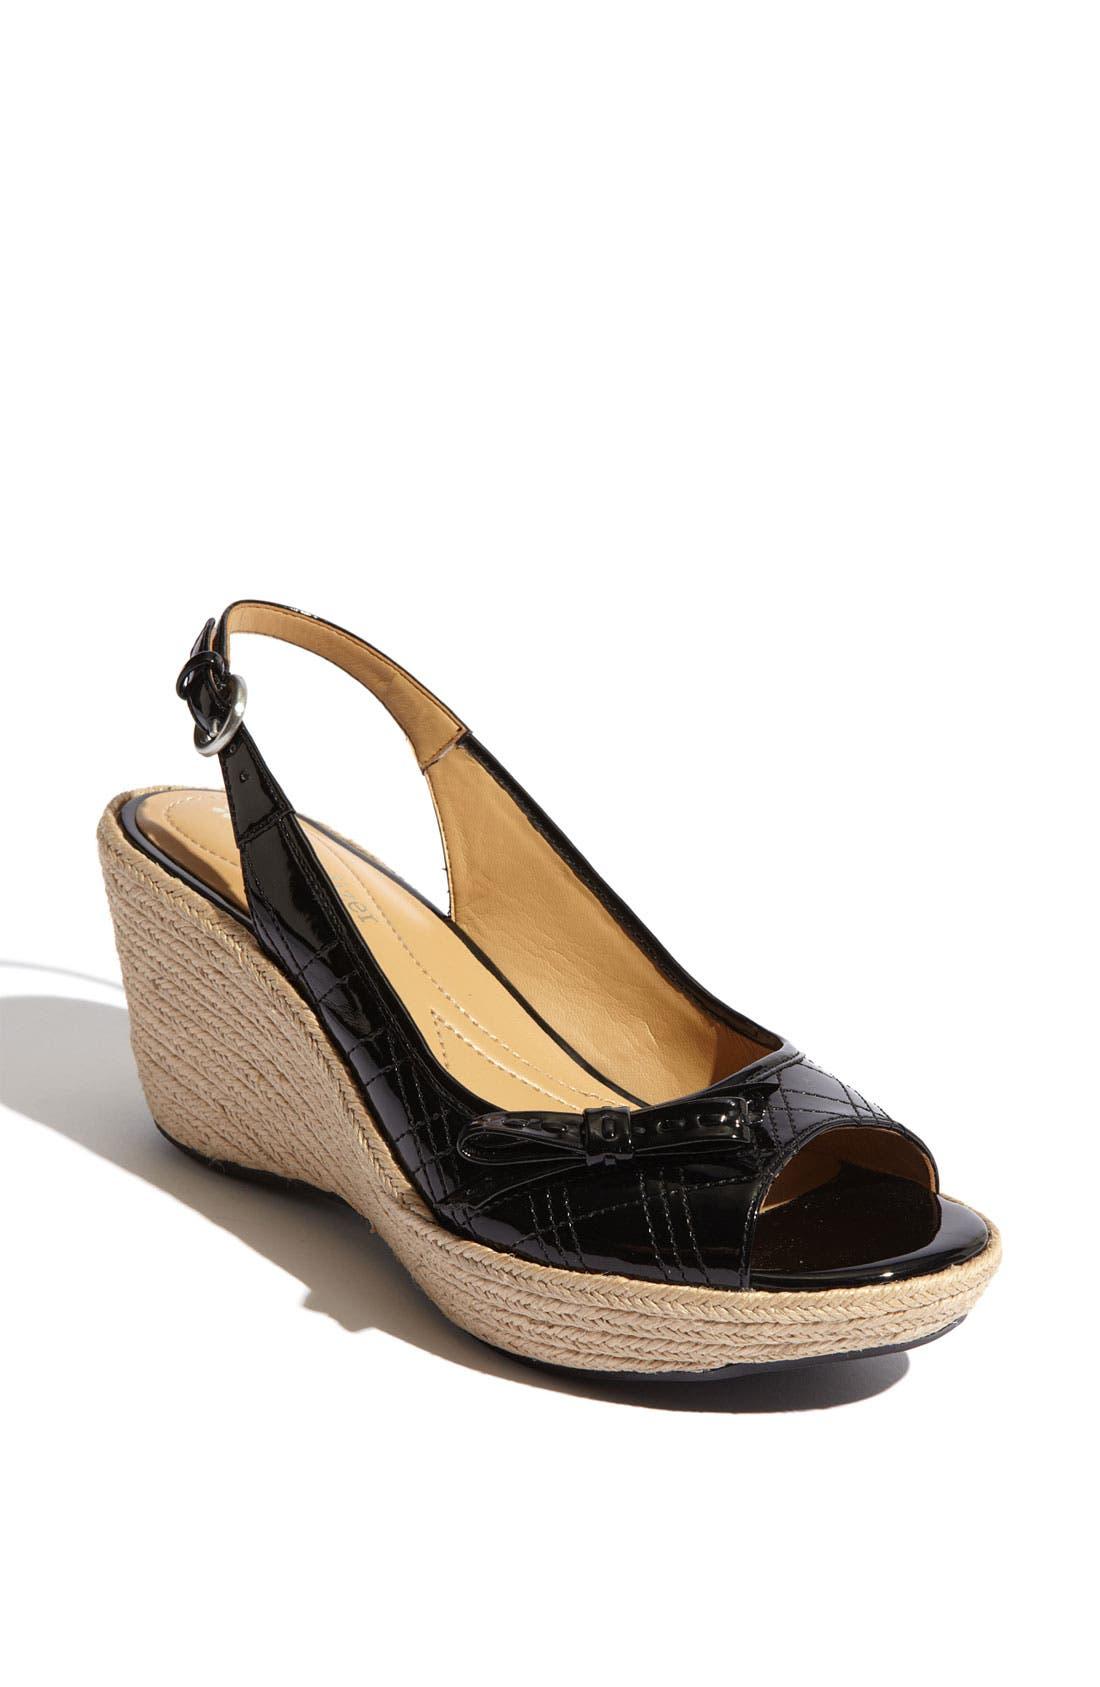 Alternate Image 1 Selected - Naturalizer 'Nieva' Sandal